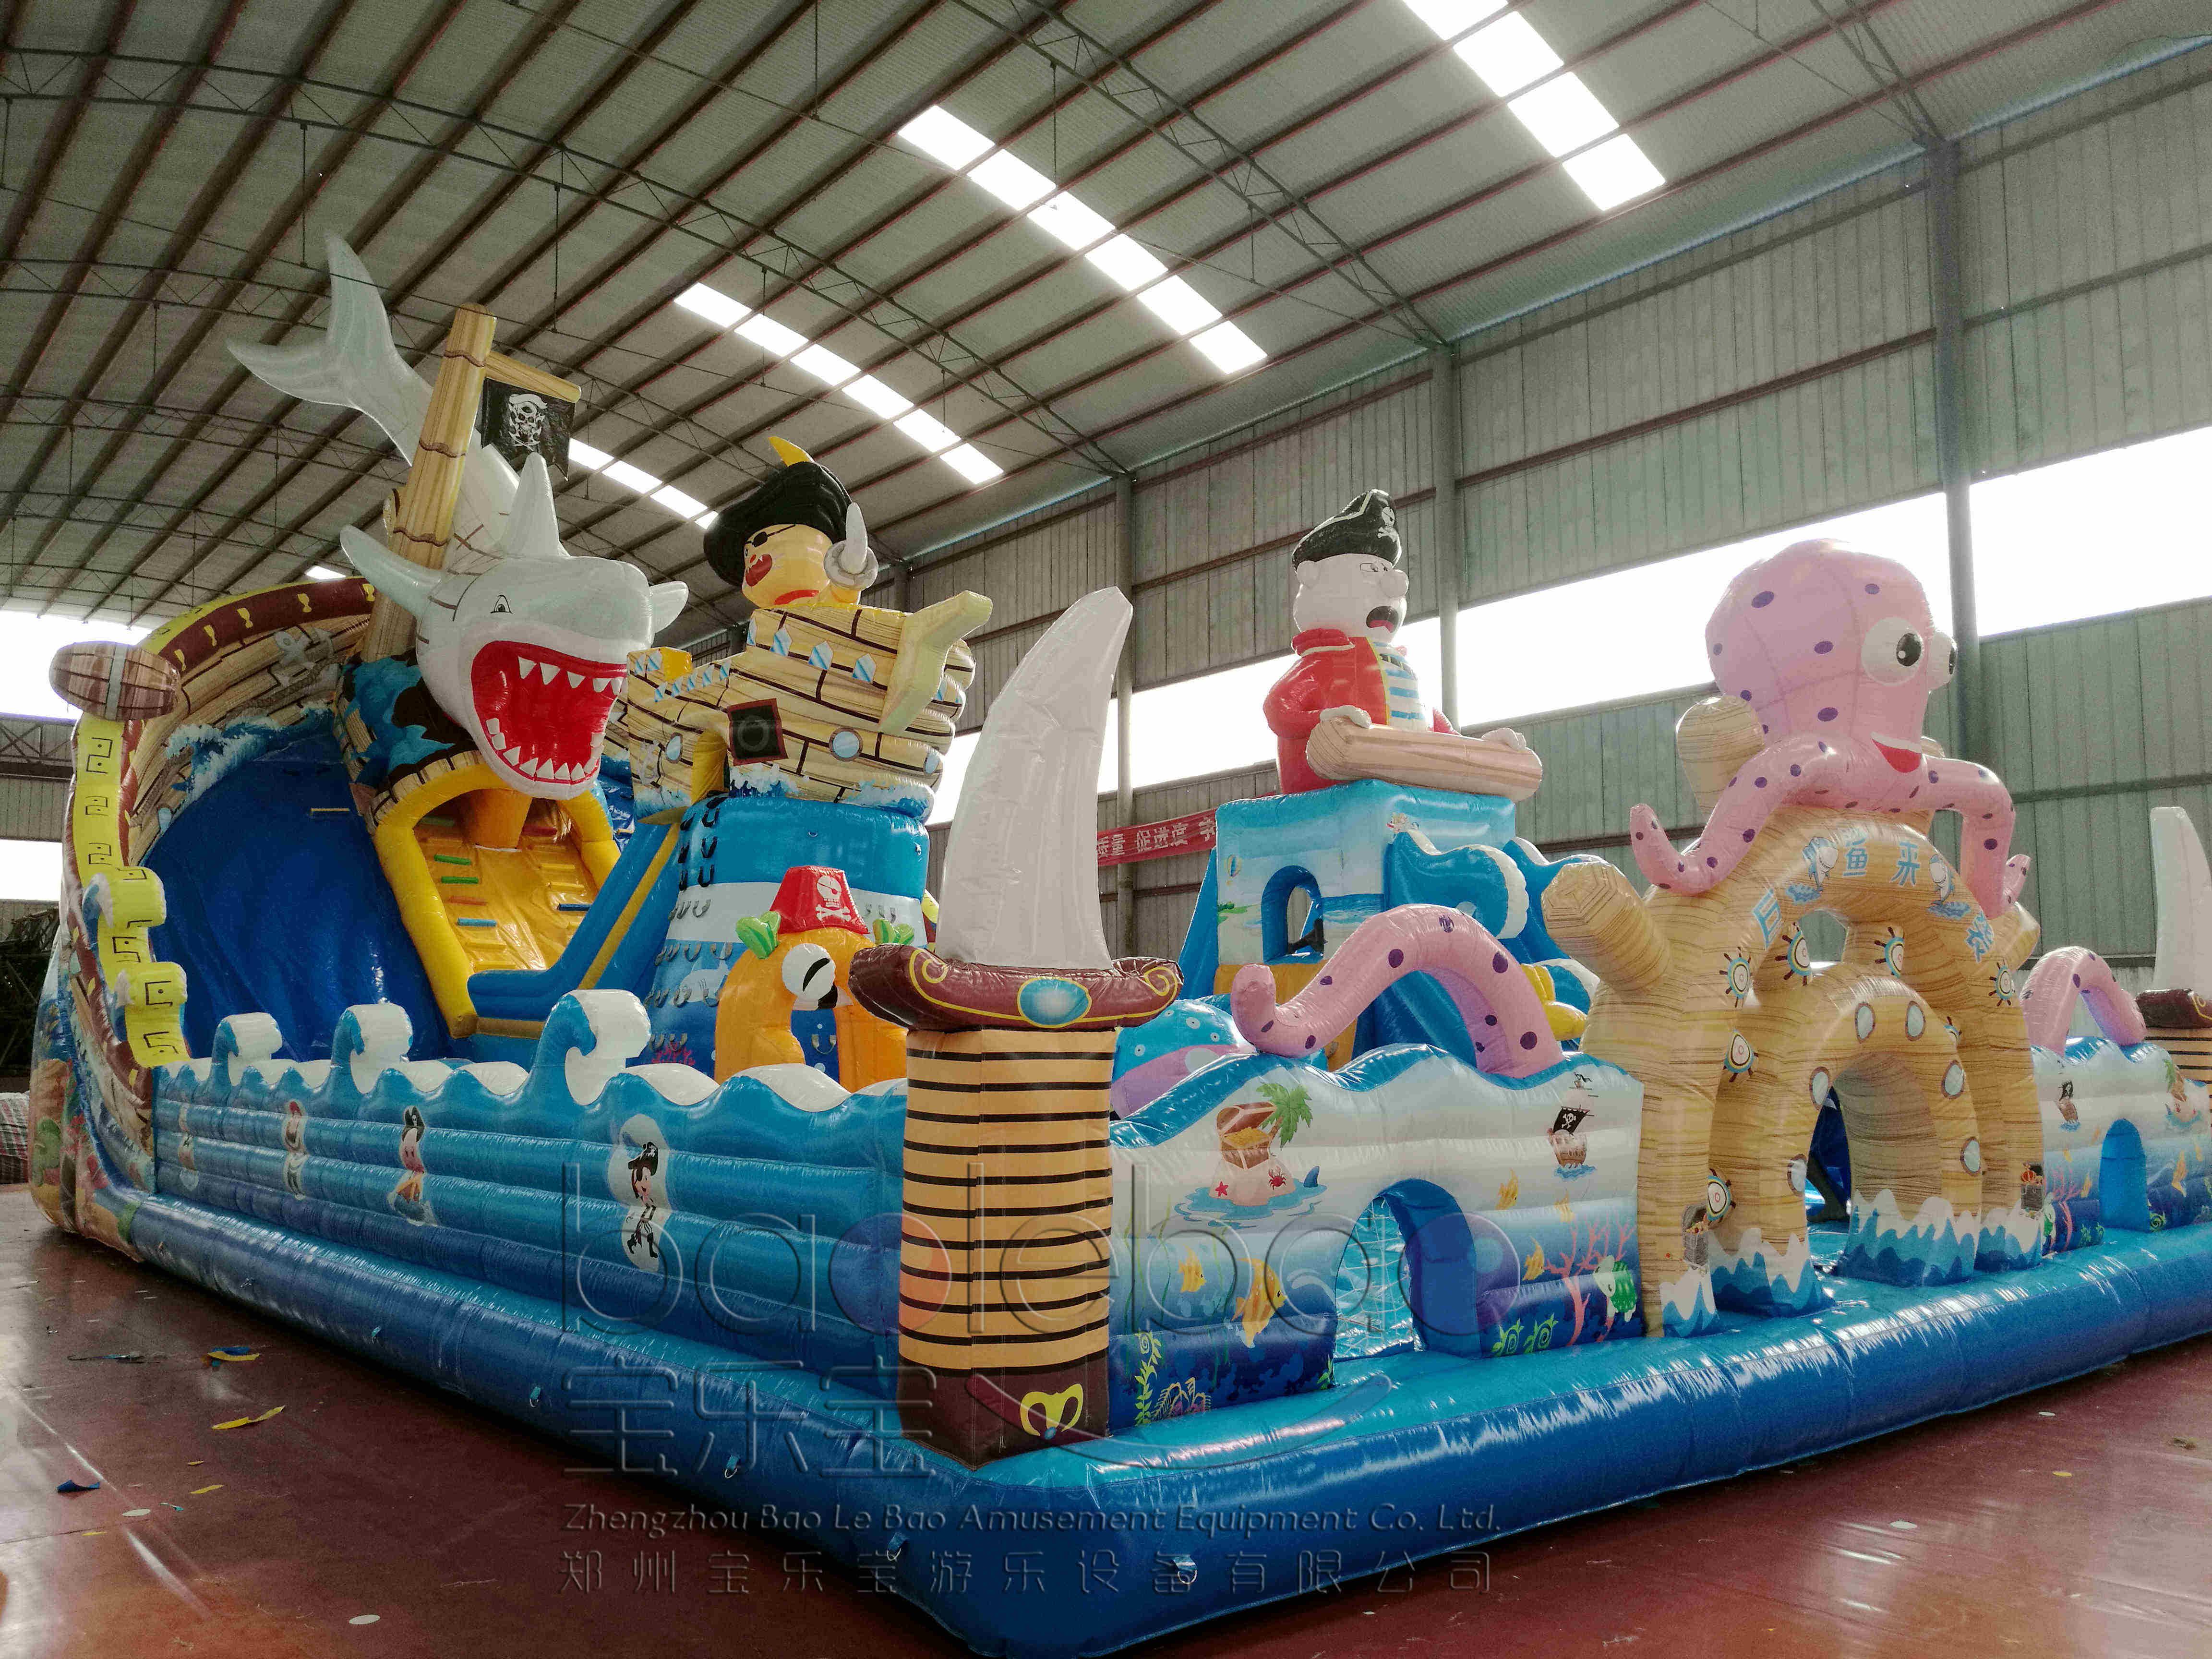 郑州充气滑梯报价_郑州充气滑梯电话_郑州充气滑梯厂家